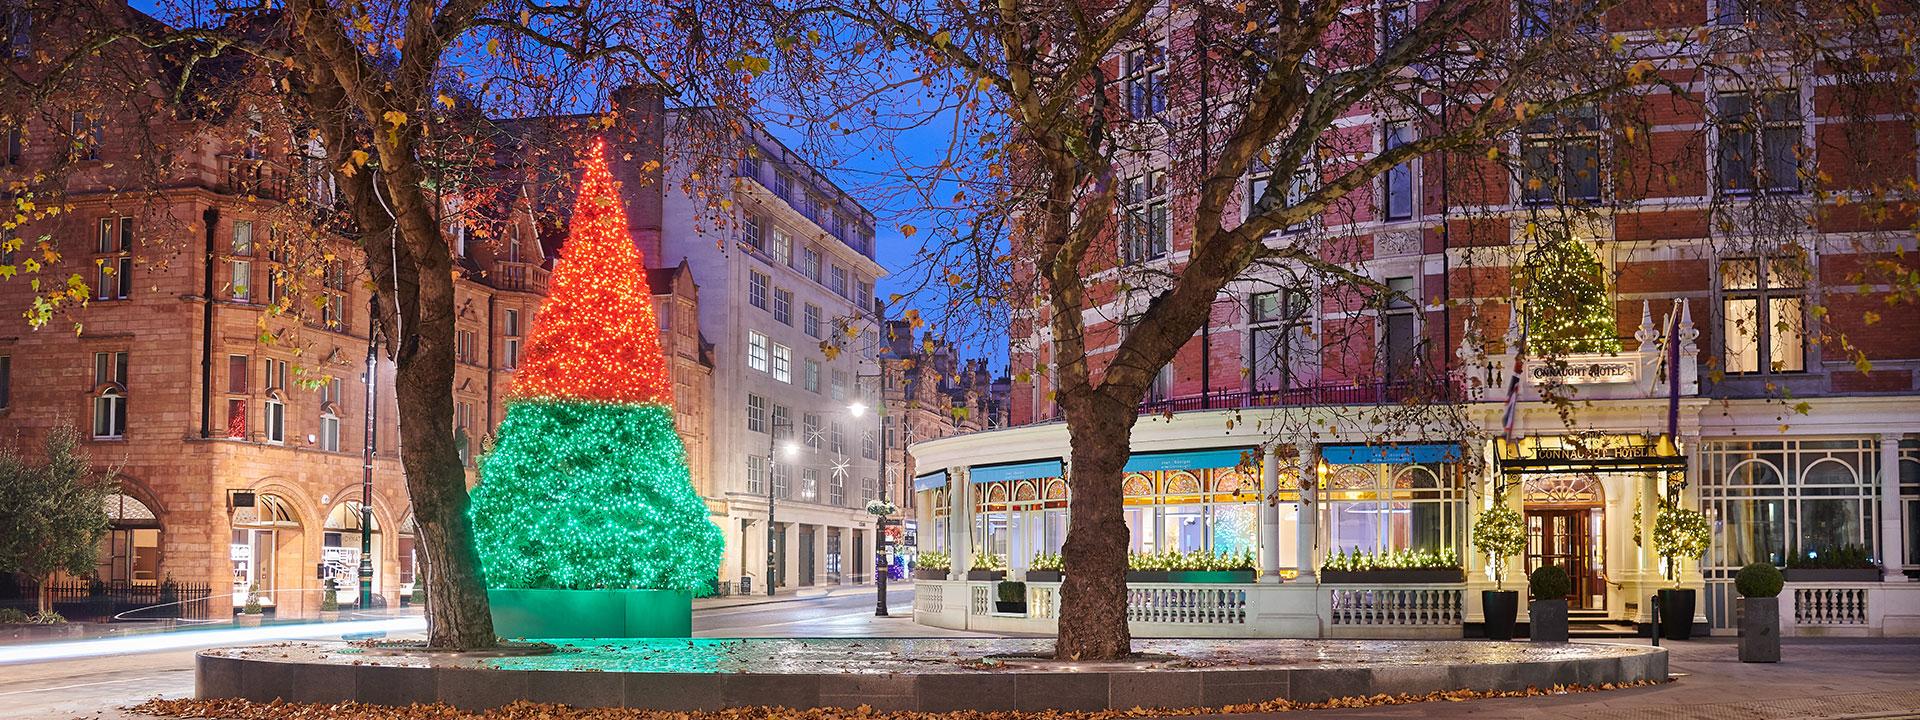 christmas-tree-2018-hero2.jpg